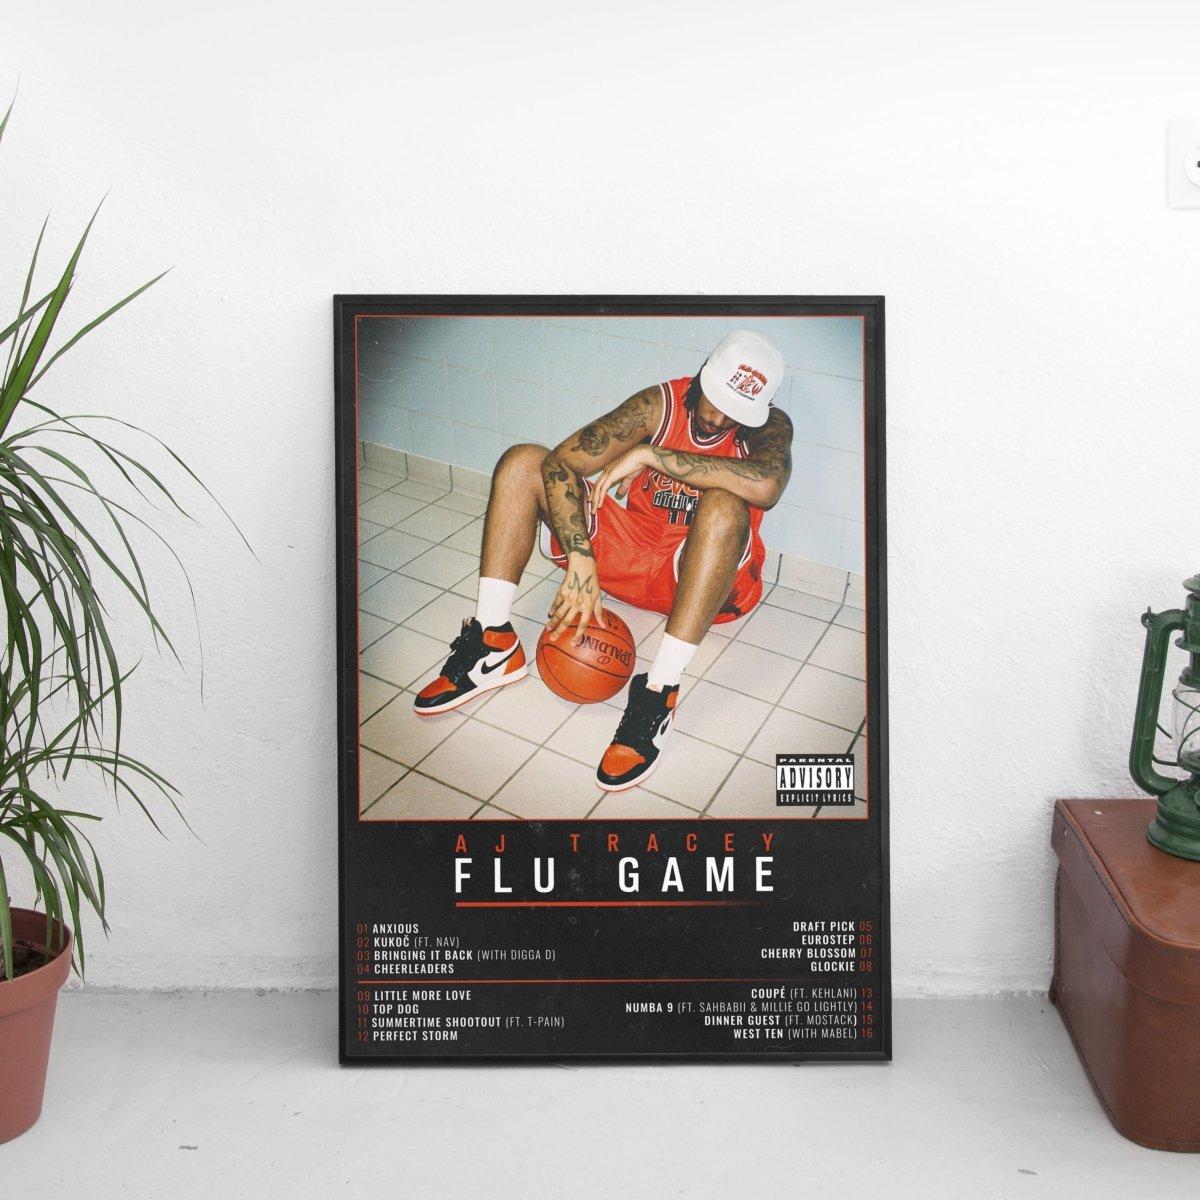 AJ Tracey - Flu Game Tracklist Poster